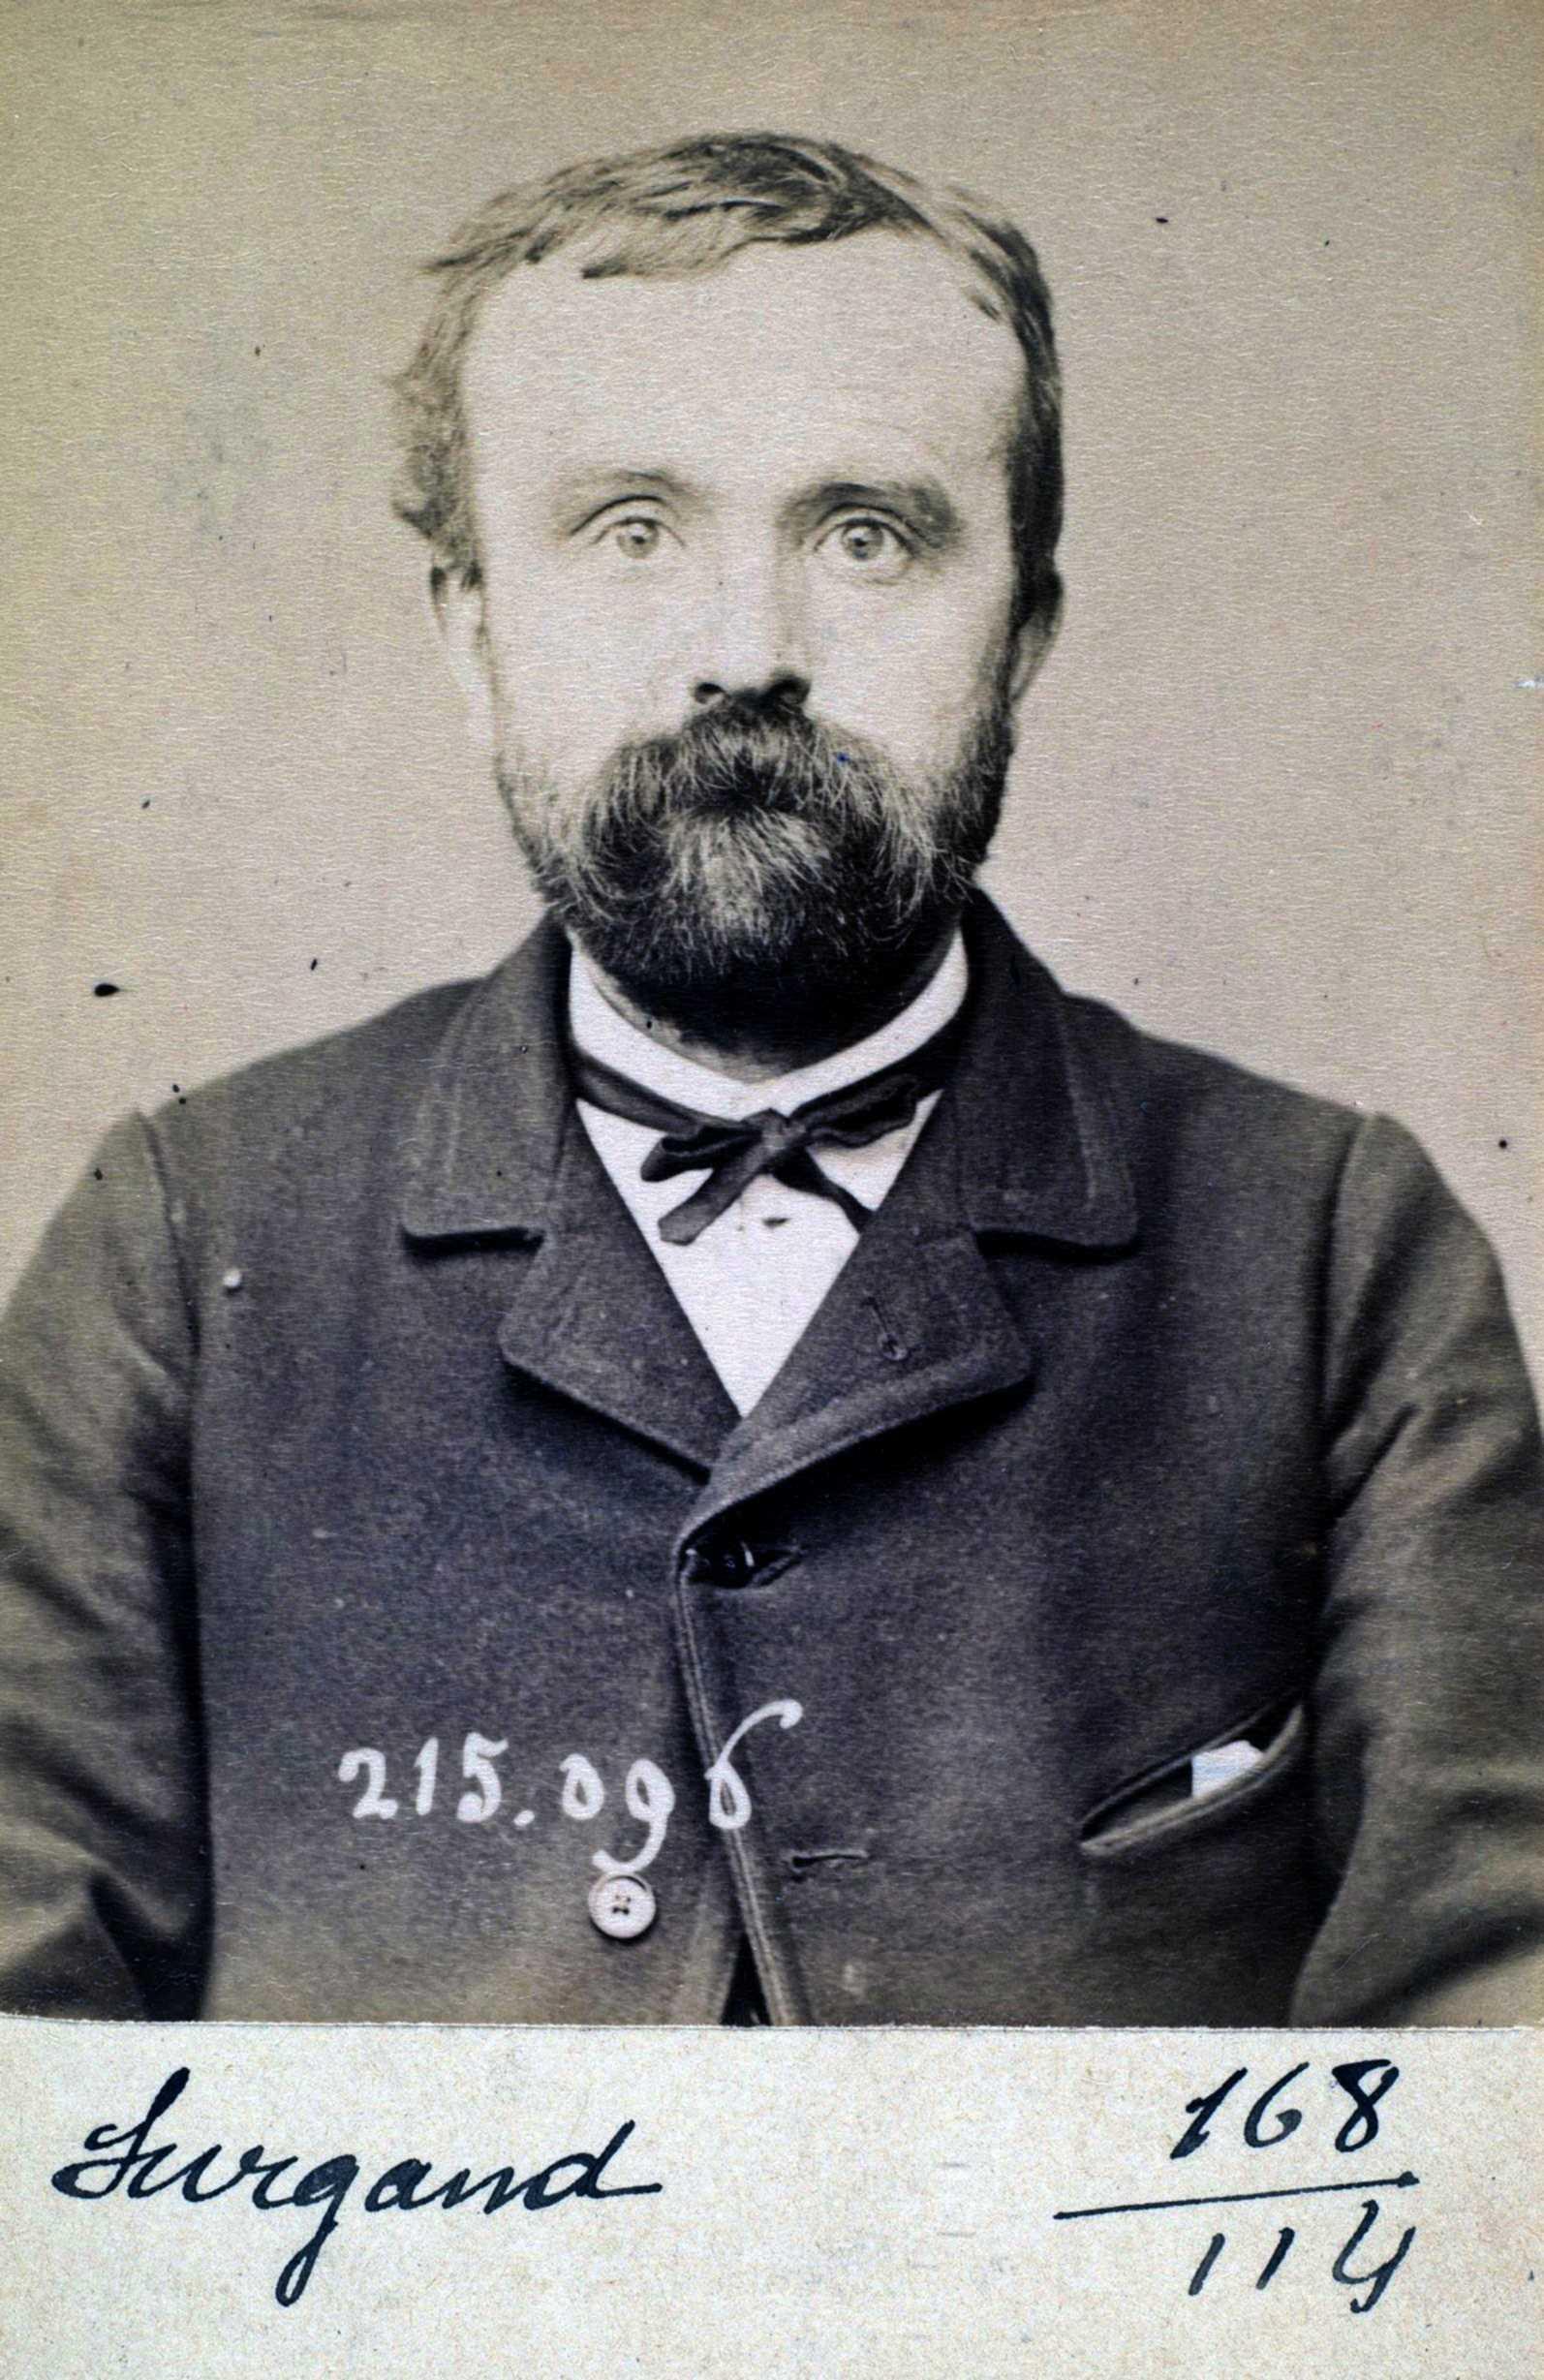 Foto policíaca d'Alphonse Surgand (4 de març de 1894)